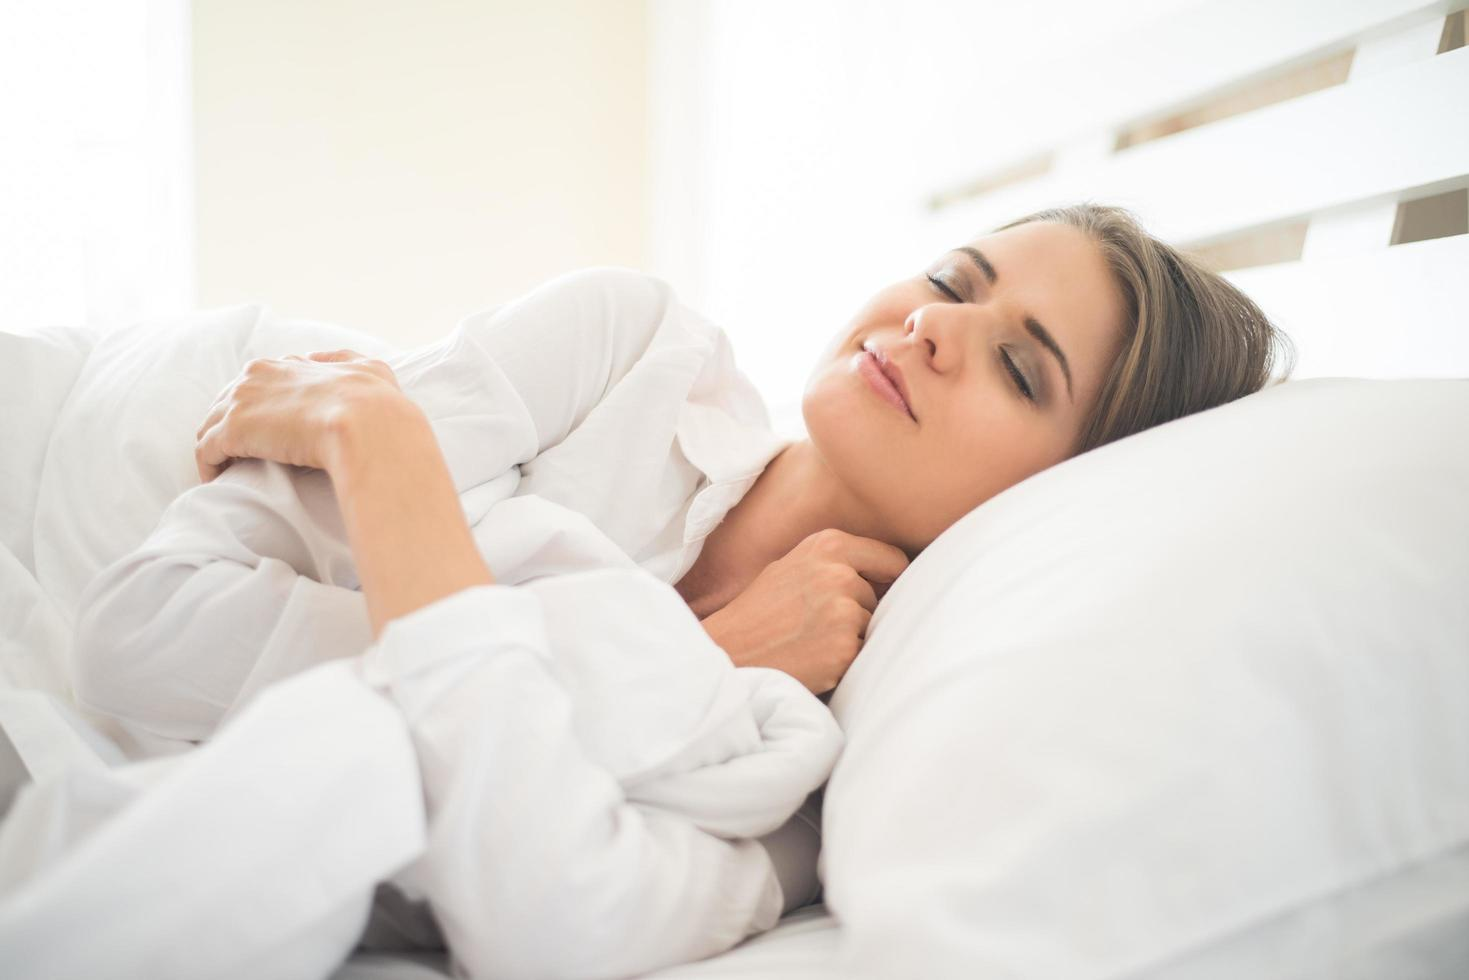 hermosa joven durmiendo en la cama foto